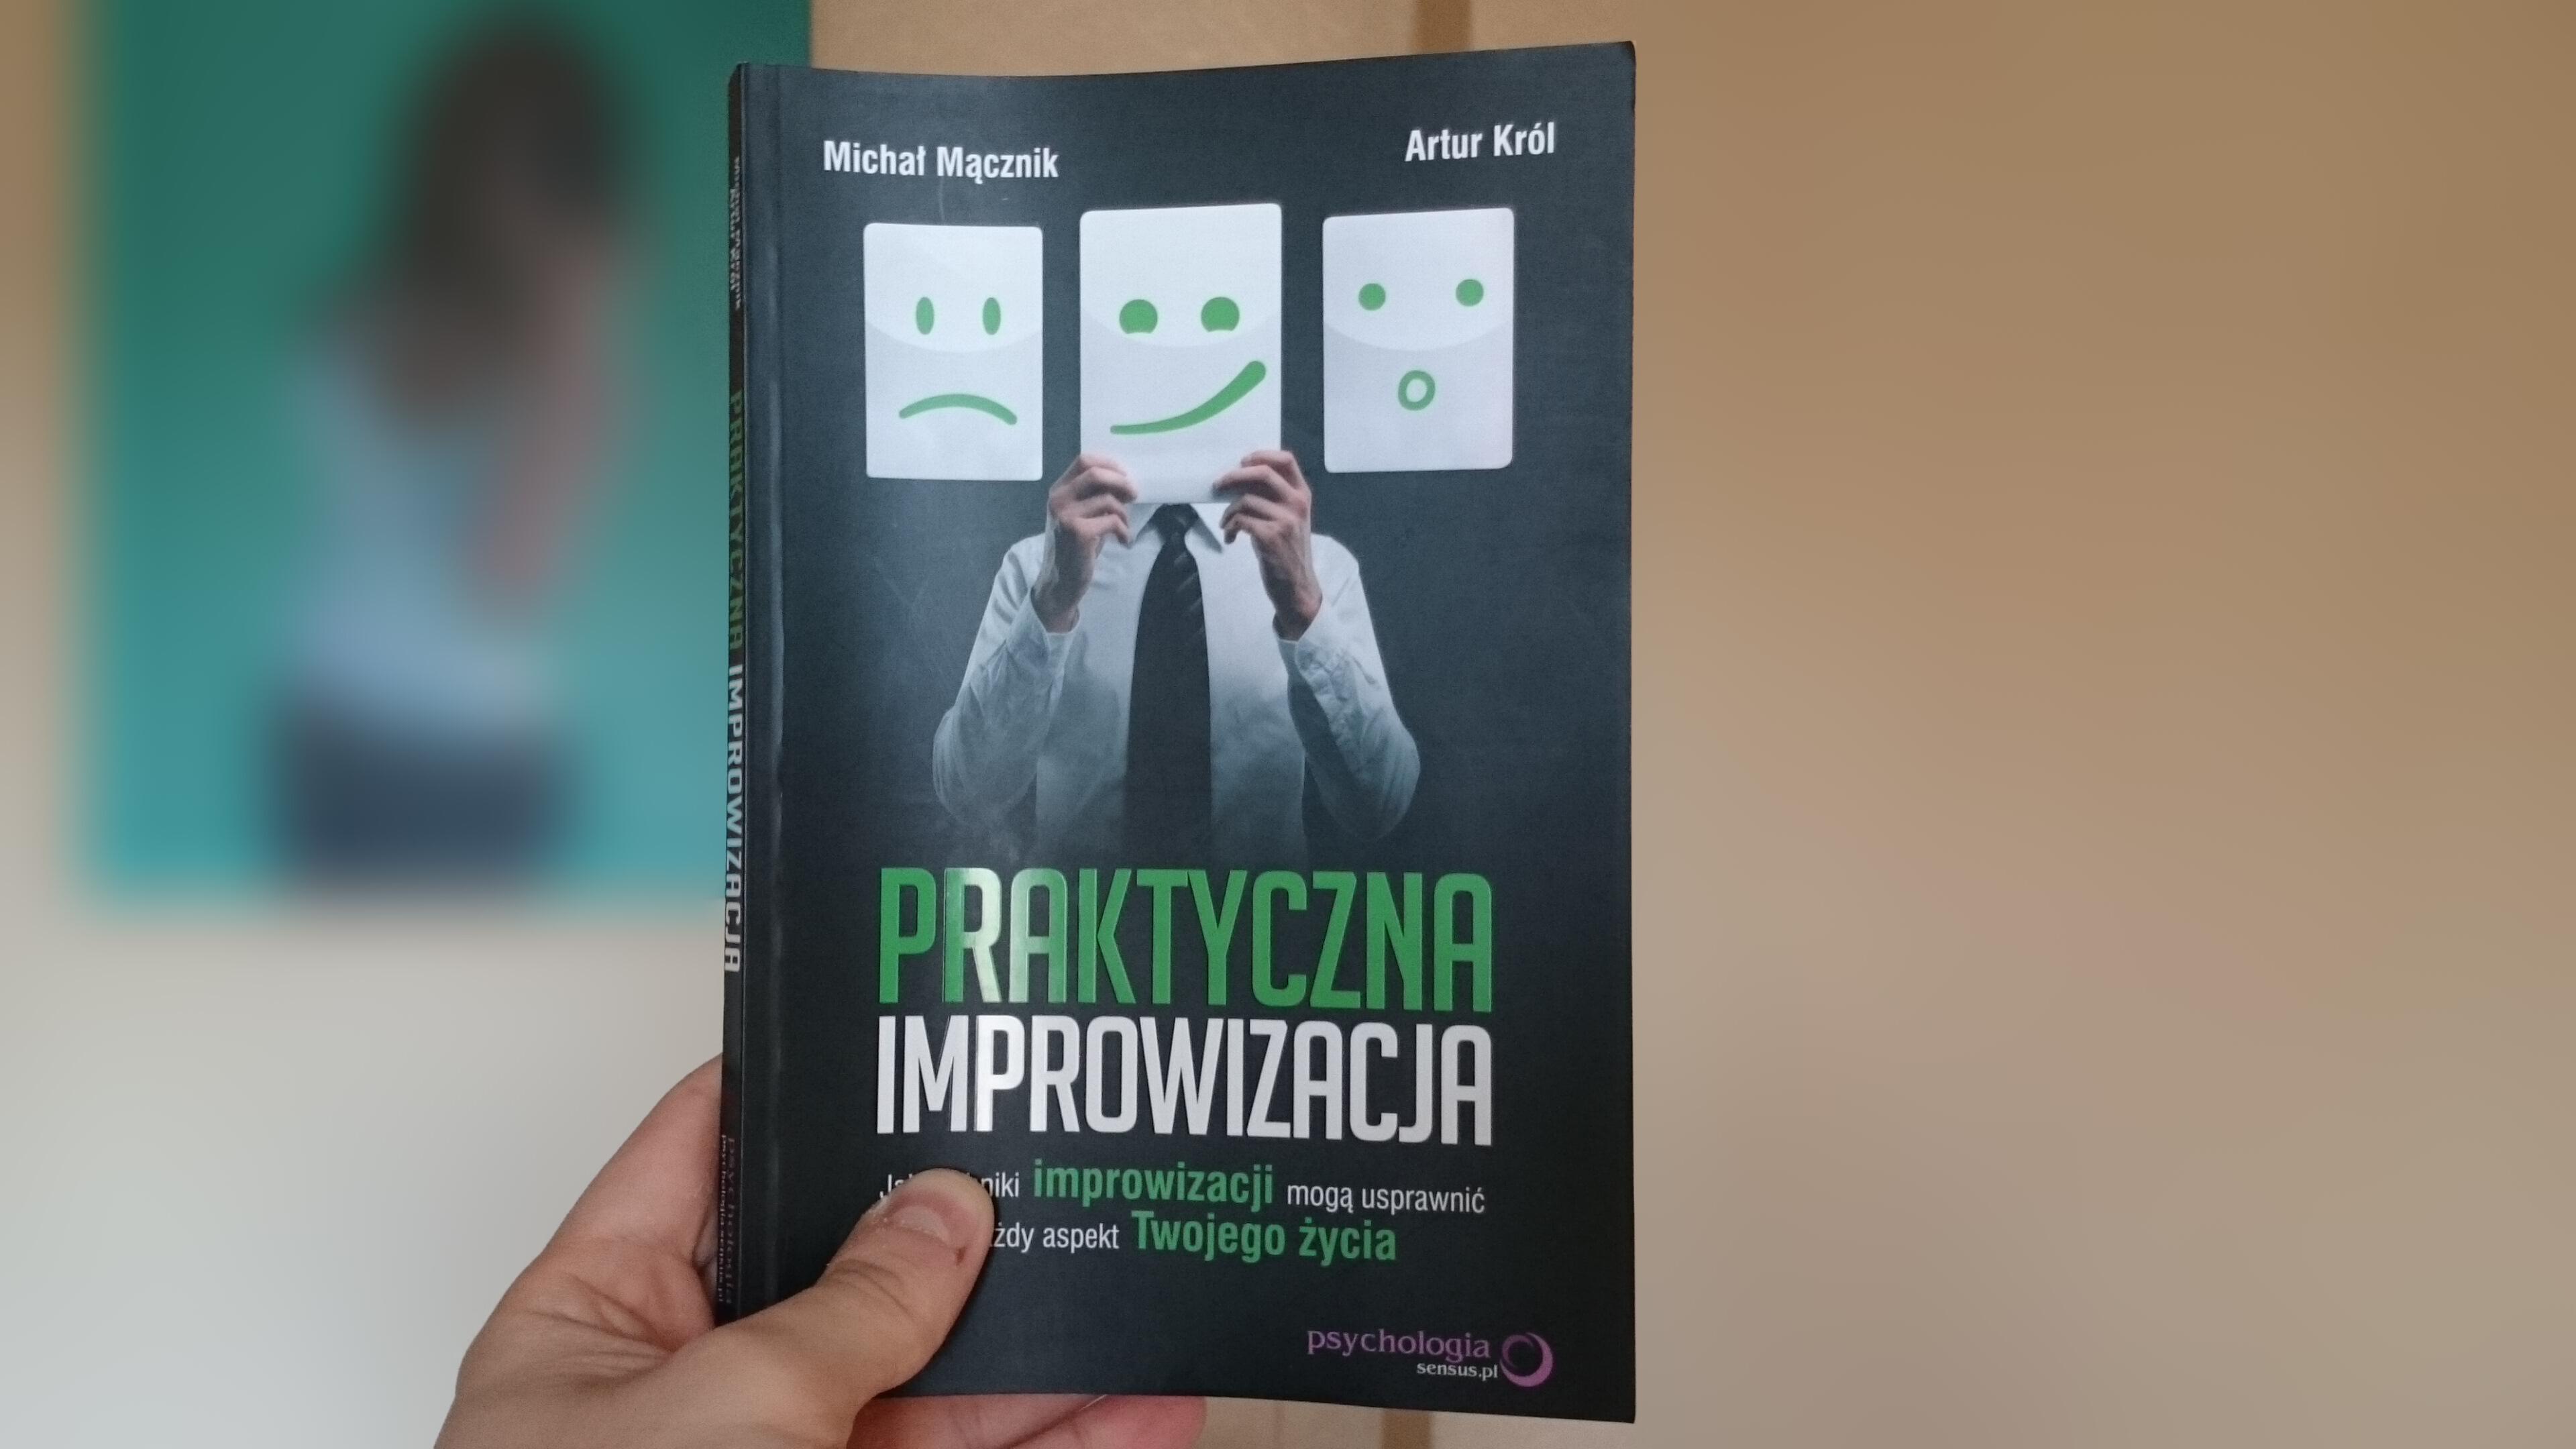 Praktyczna Improwizacja – recenzja książki